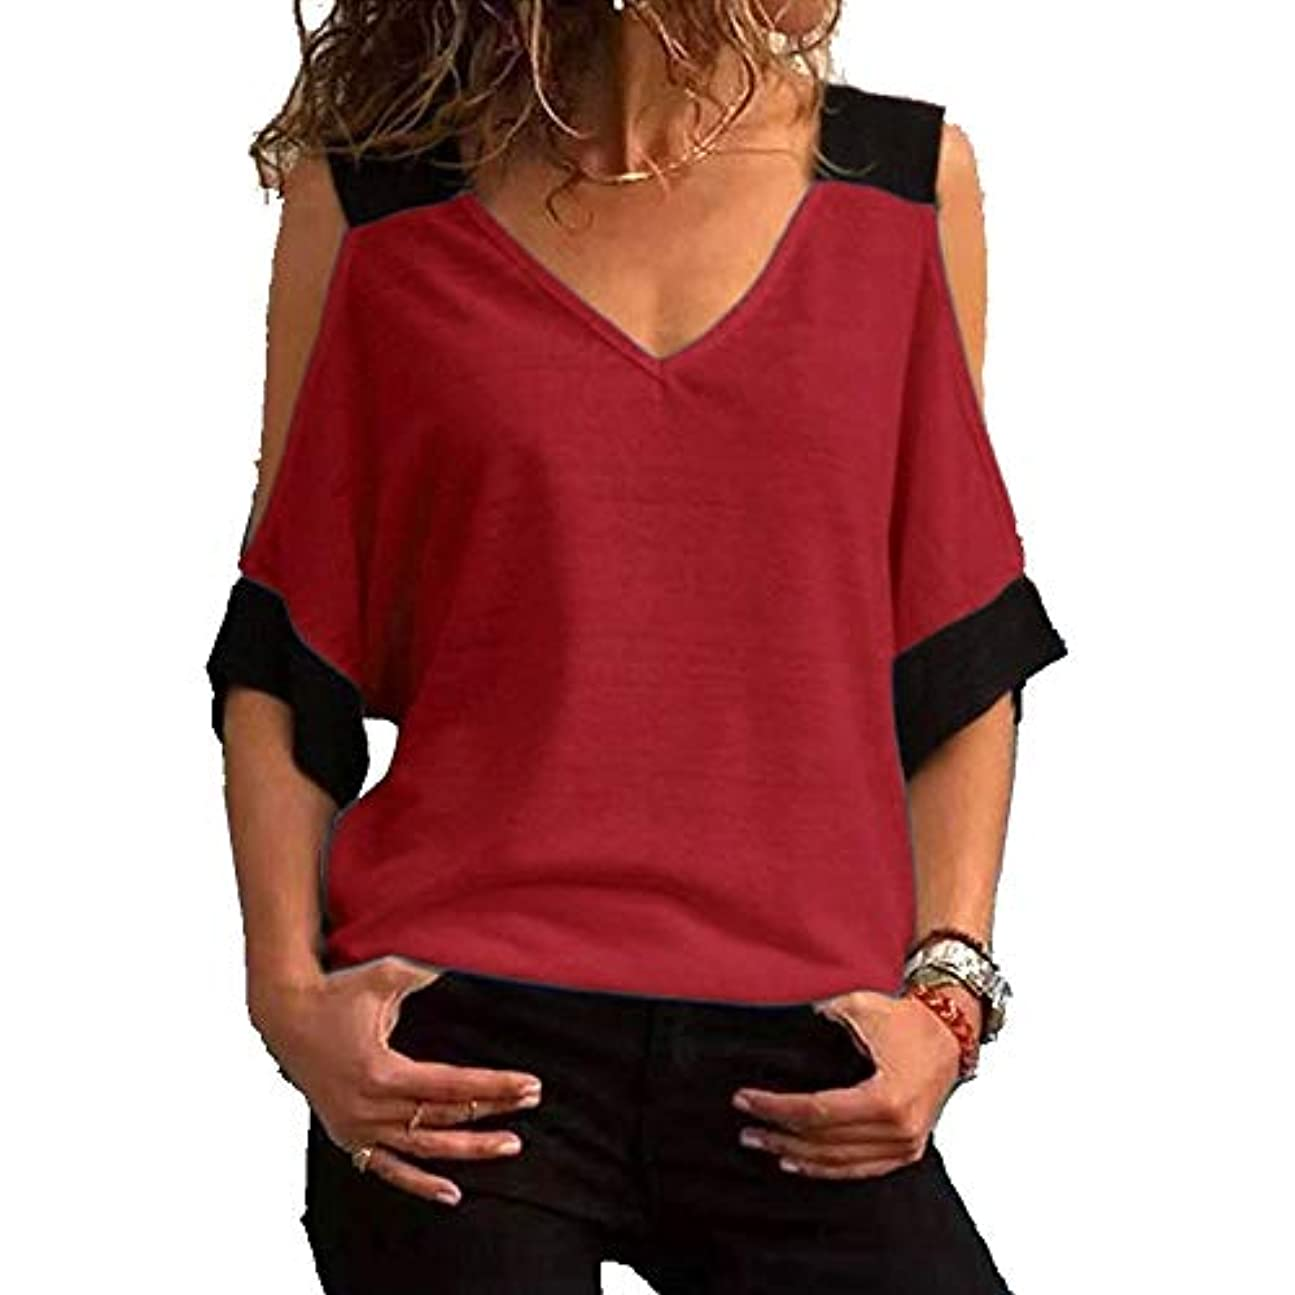 葡萄裕福なセマフォMIFAN女性ファッションカジュアルトップス女性ショルダーブラウスコットンTシャツディープVネック半袖